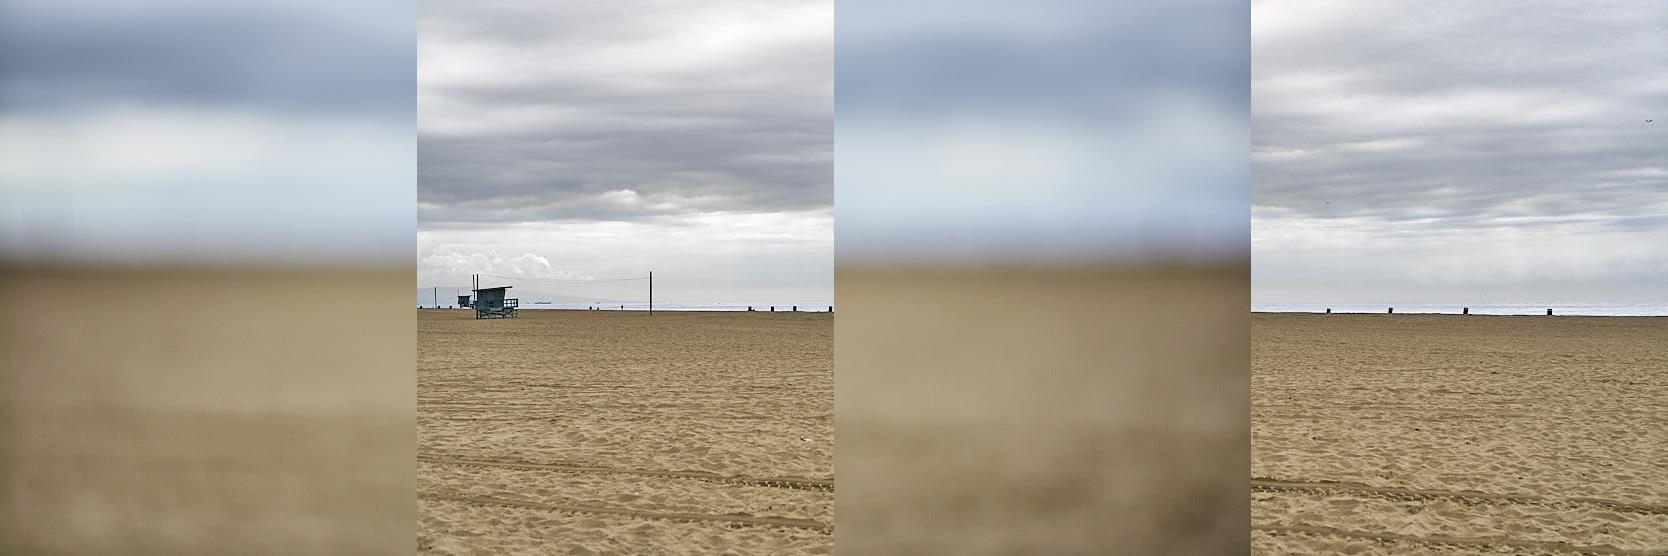 Verrückt/Dislocated-1-2011-2014